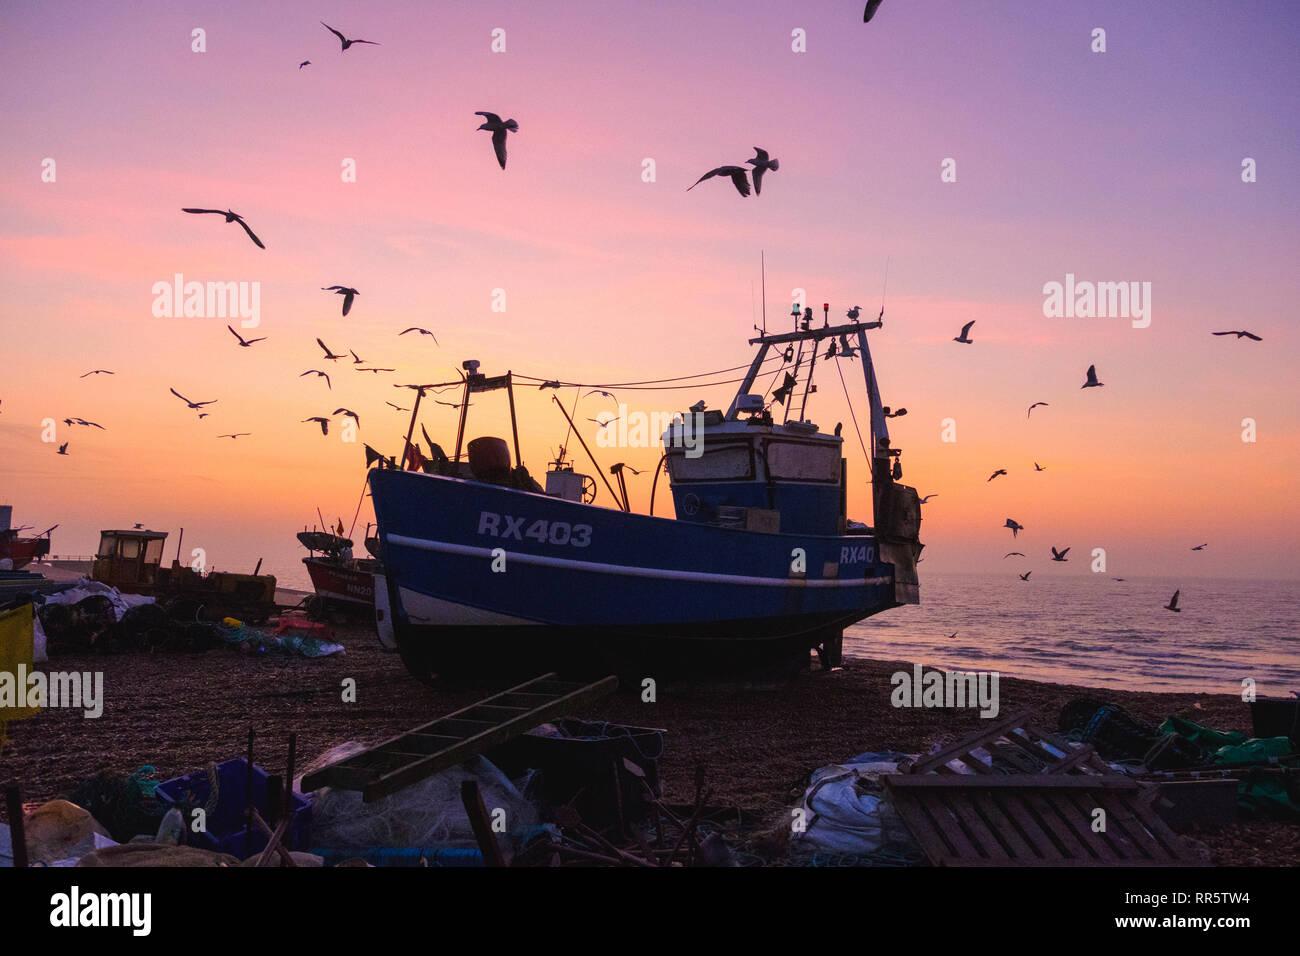 Hastings, East Sussex, UK. 23. Februar 2019. Möwen Swirl round Hastings Fischerboot an einem nebligen Sonnenaufgang auf die Altstadt Stade Fischerboot am Strand. Stockbild